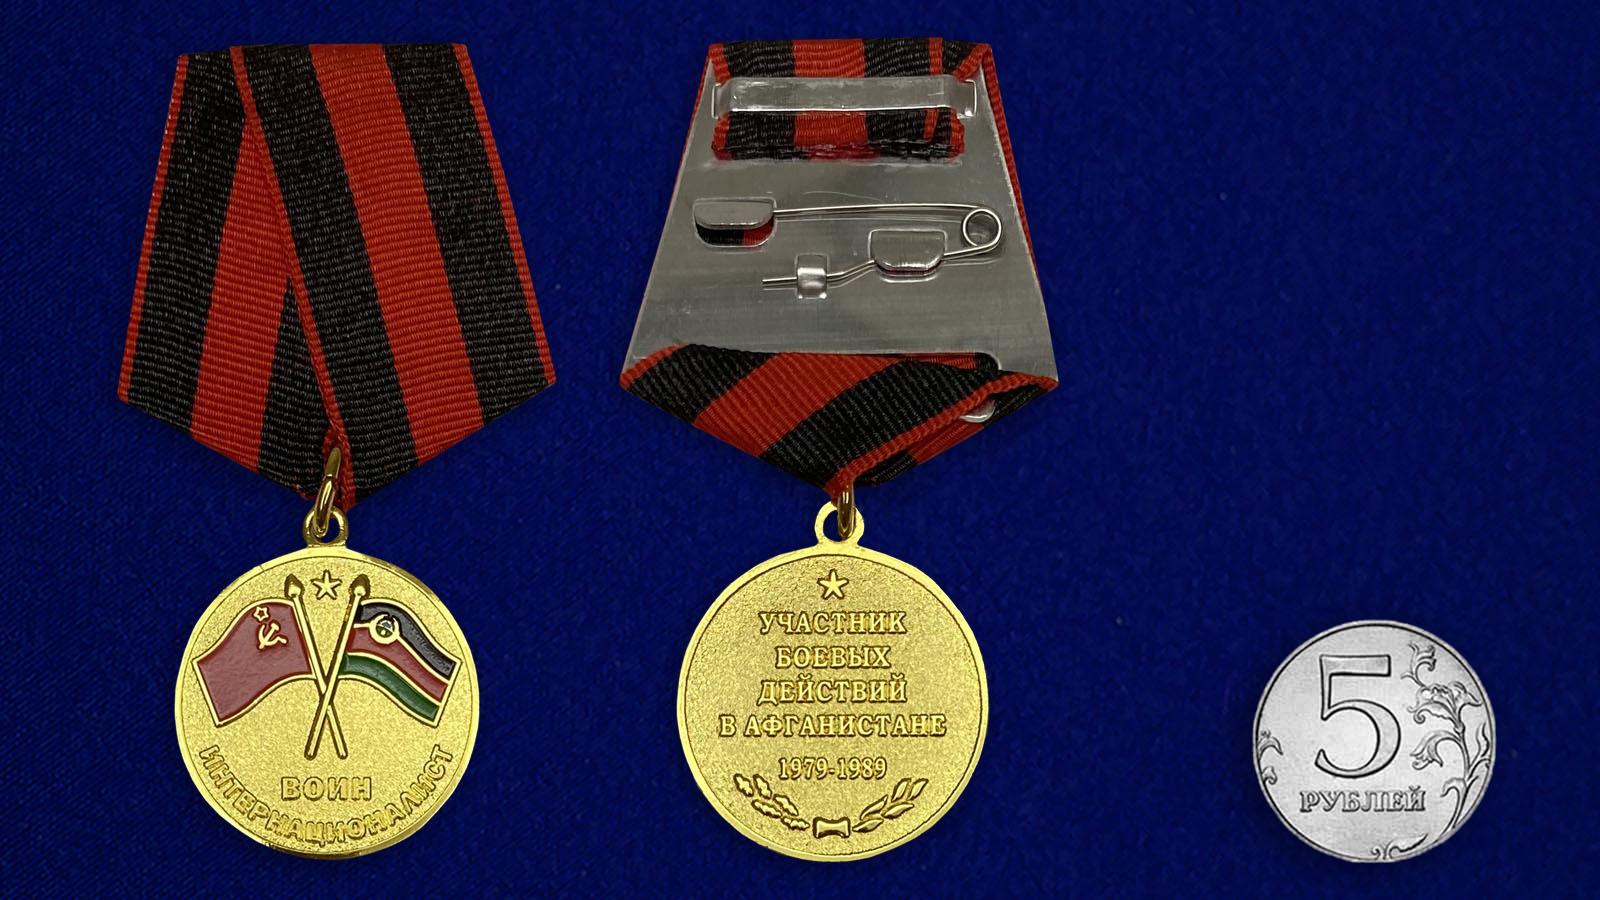 Медаль Воину-интернационалисту «Участник боевых действий в Афганистане» - сравнительный размер